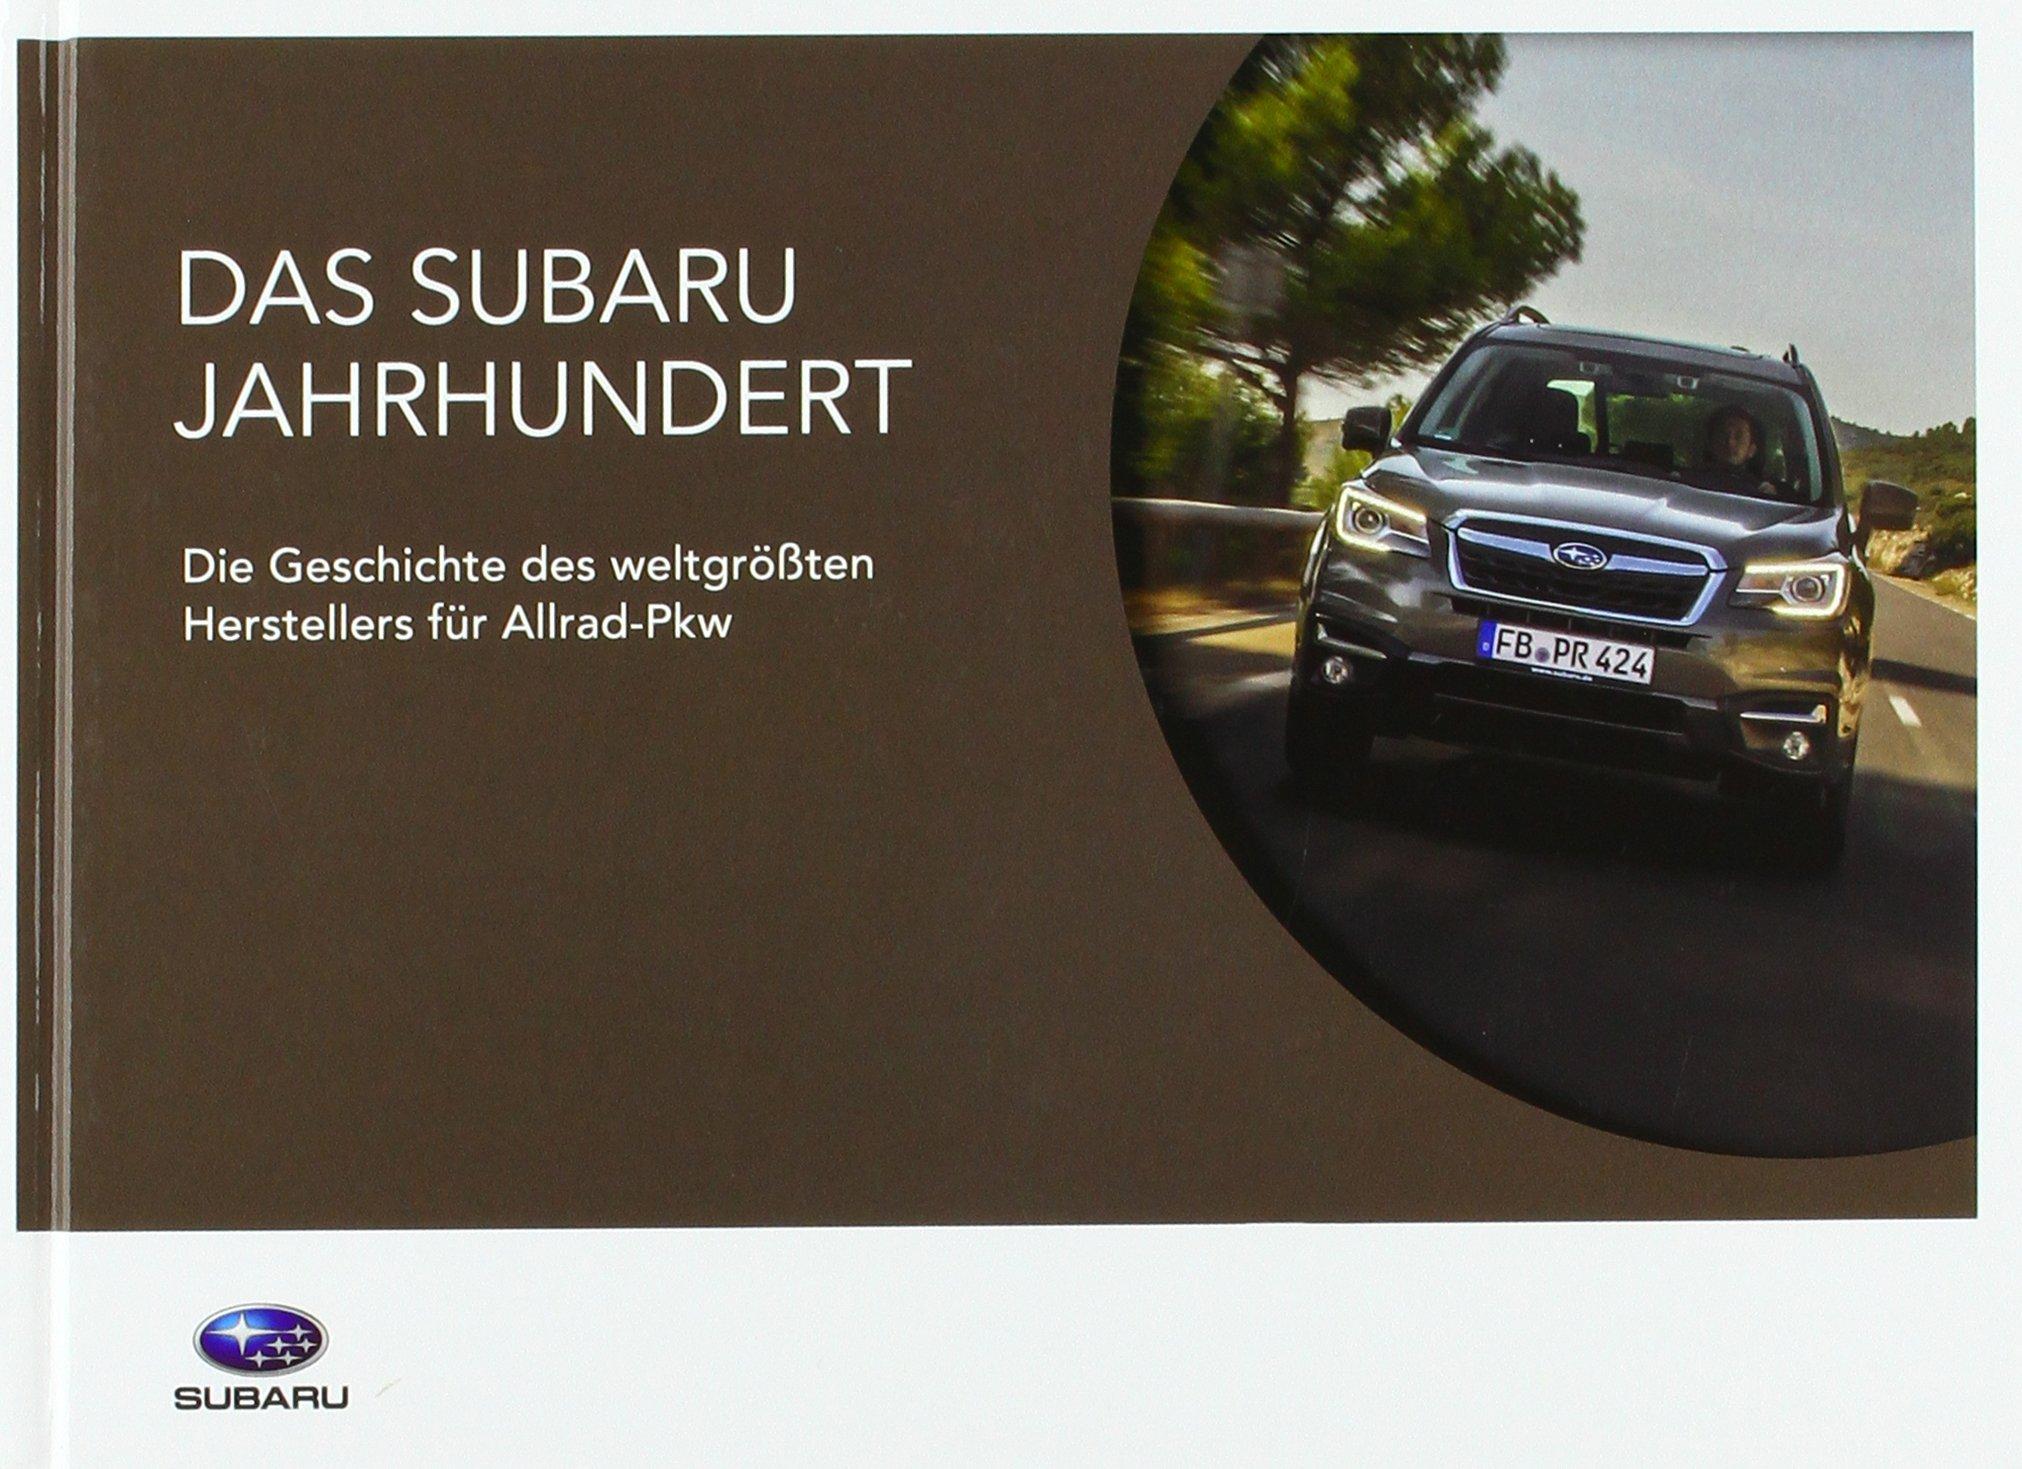 autodrom - Das Subaru Jahrhundert: Die Geschichte des weltgrößten Herstellers für Allrad-Pkw